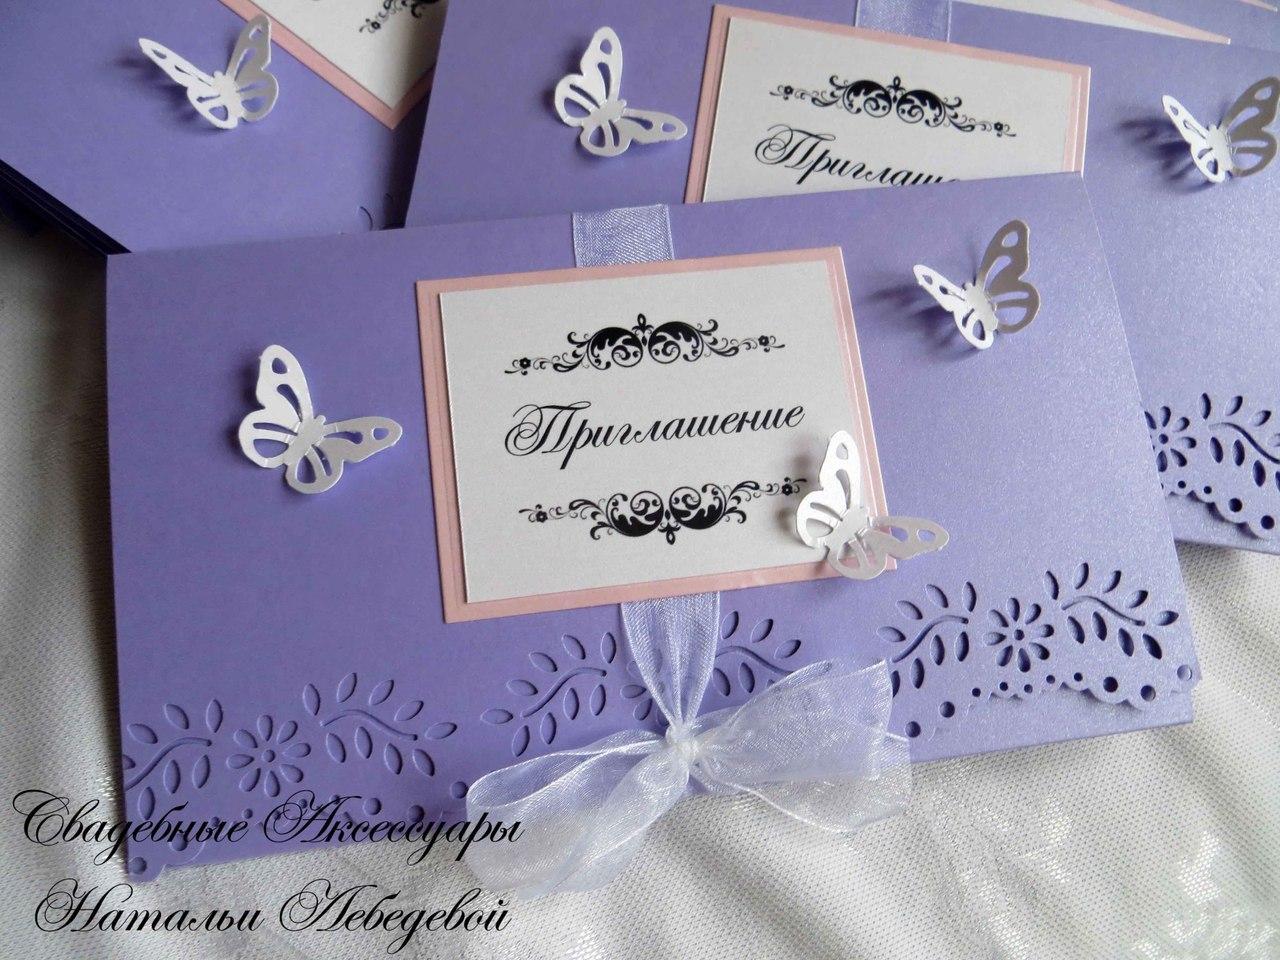 Пригласительные на свадьбу своими руками пошаговая инструкция с шаблонами 91